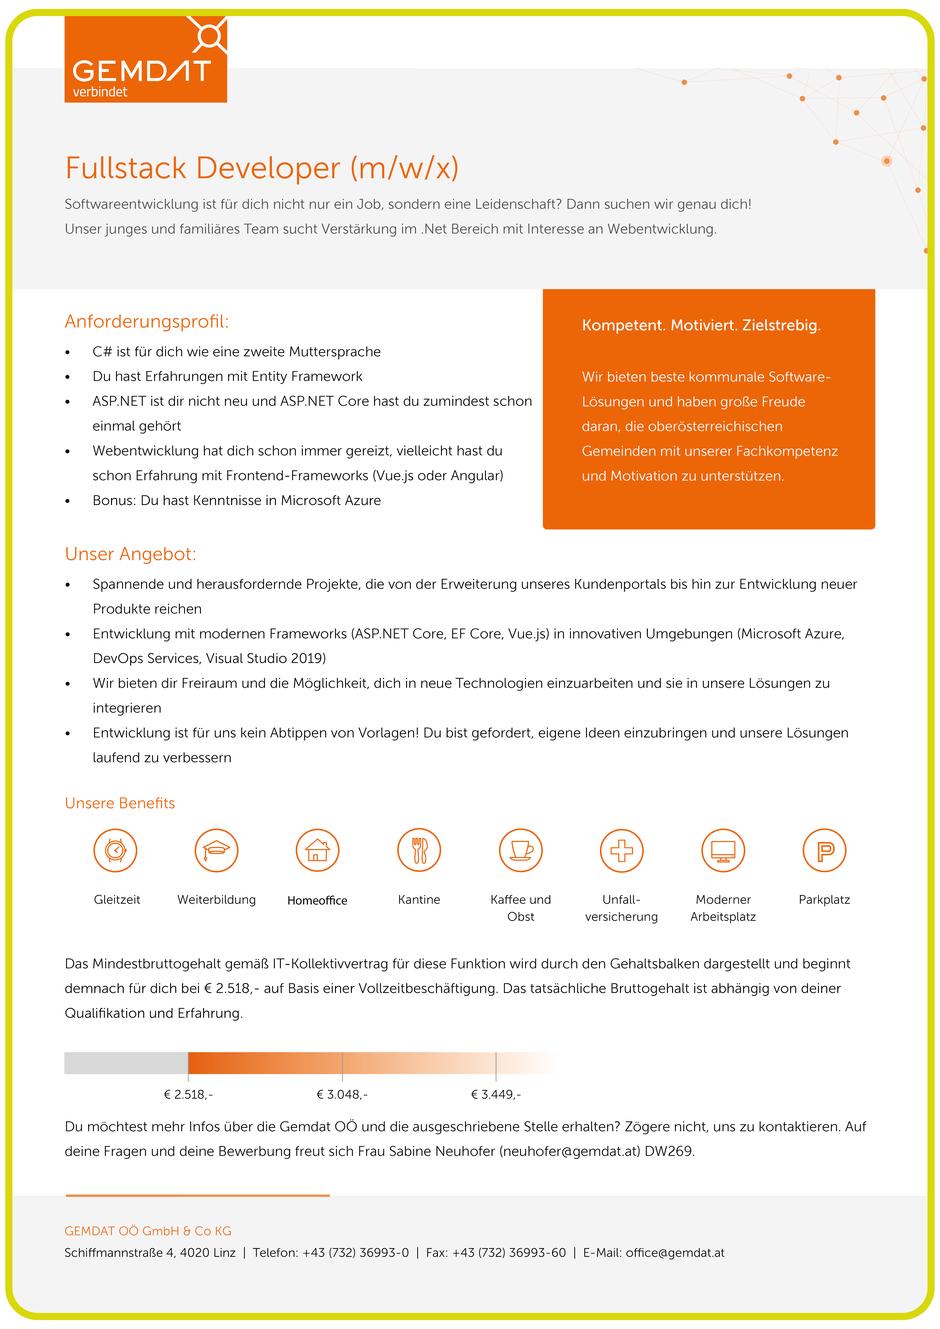 Software Developer Jobs - Fullstack Developer - Gemdat Oberösterreich - Linz - Oberösterreich - 1